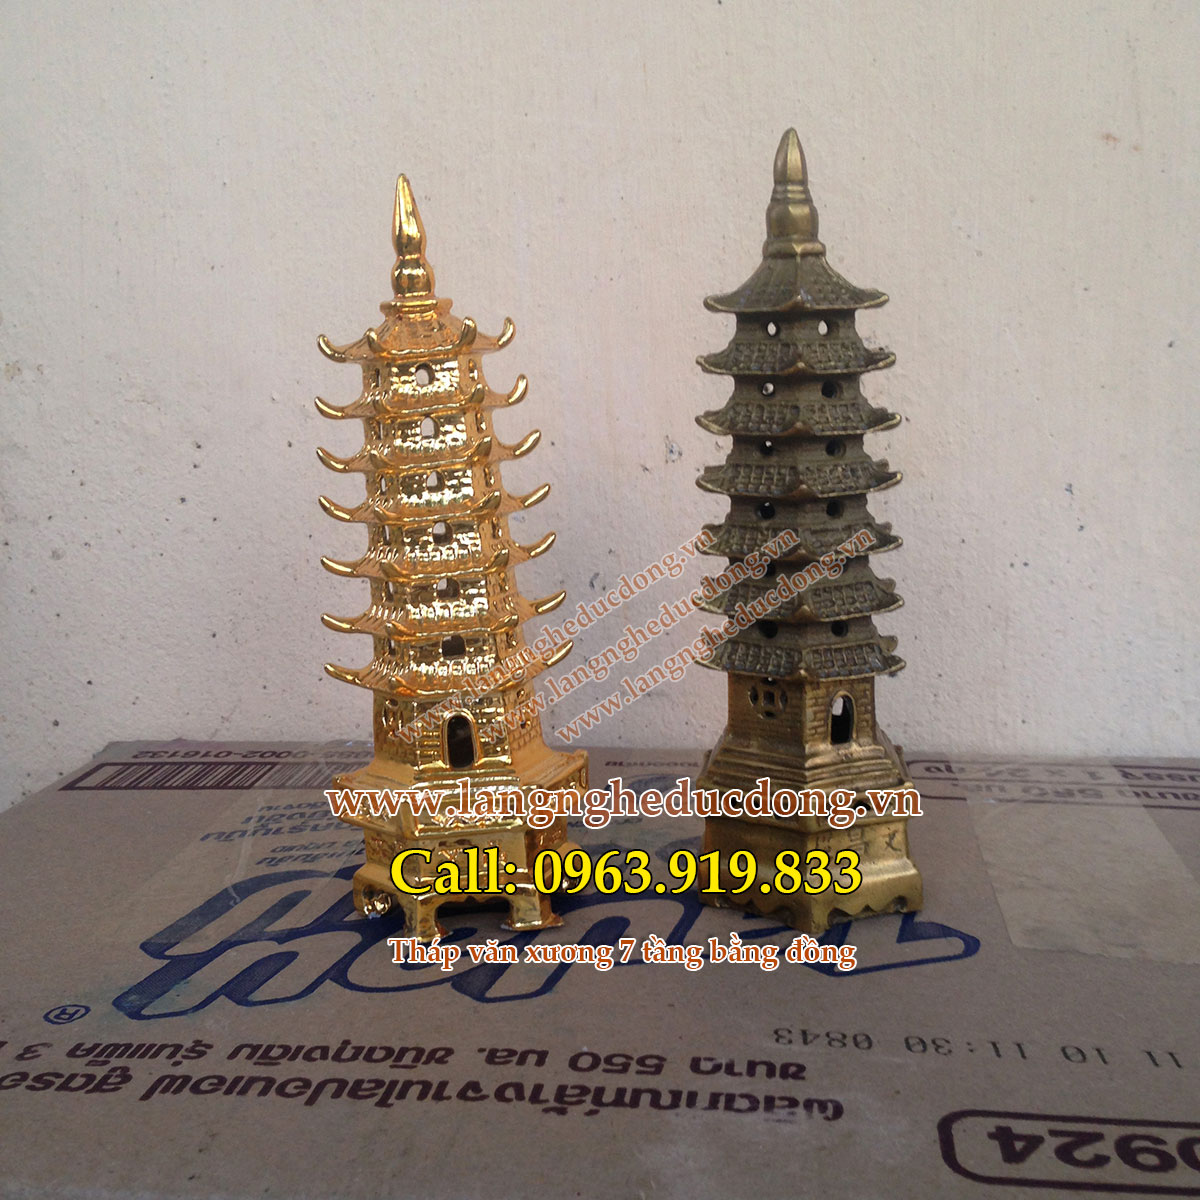 langngheducdong.vn - tháp văn xương bằng đồng, tháp văn xương mạ vàng